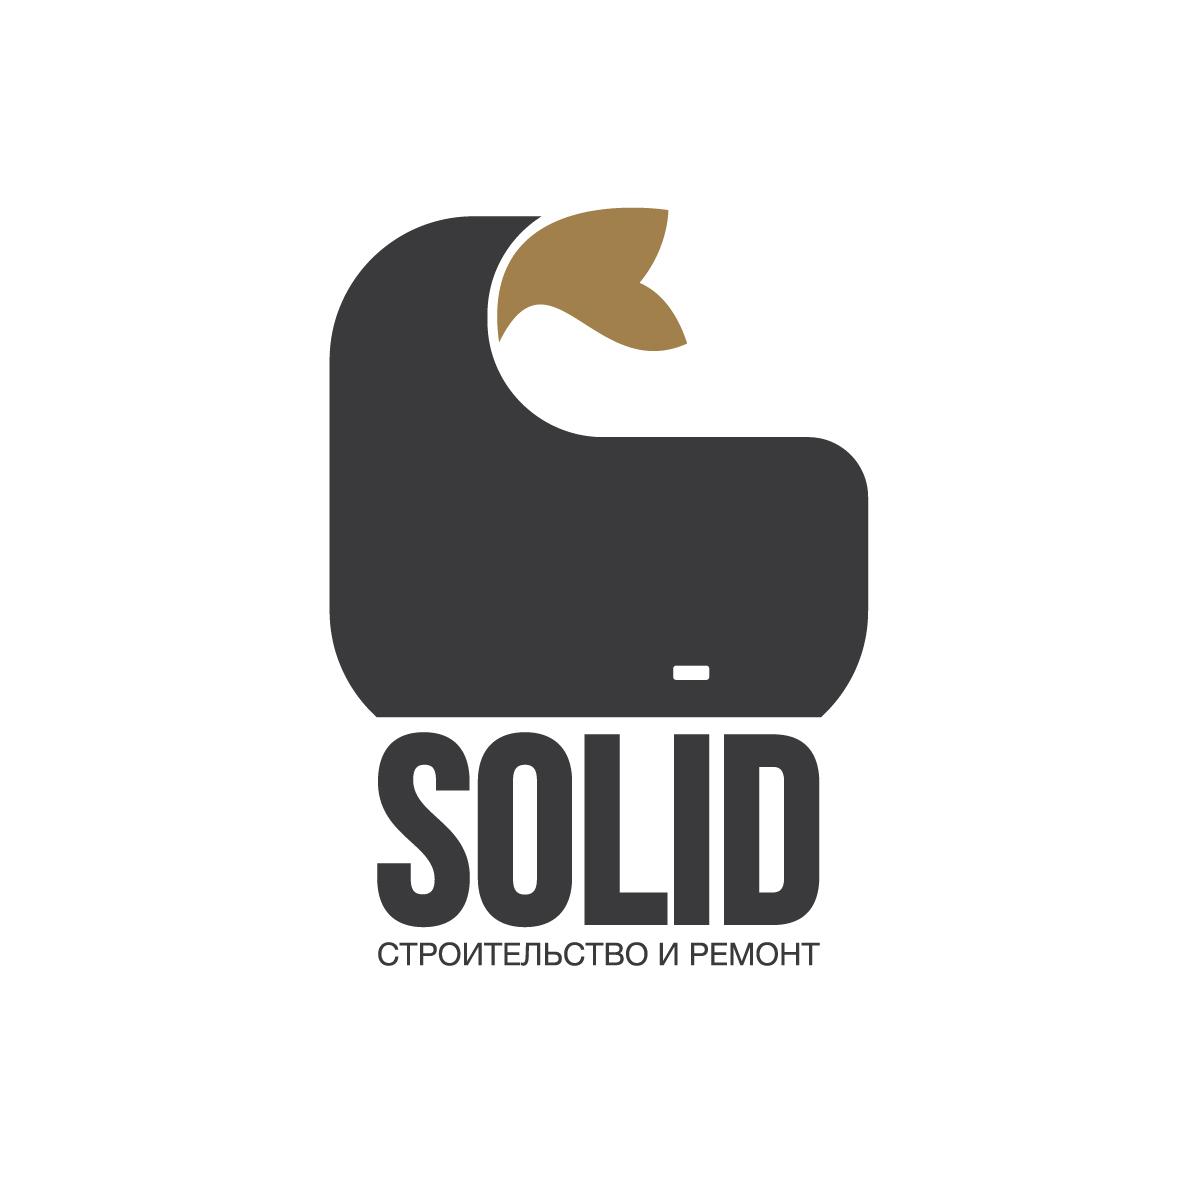 Логотип строительной компании «Solid»